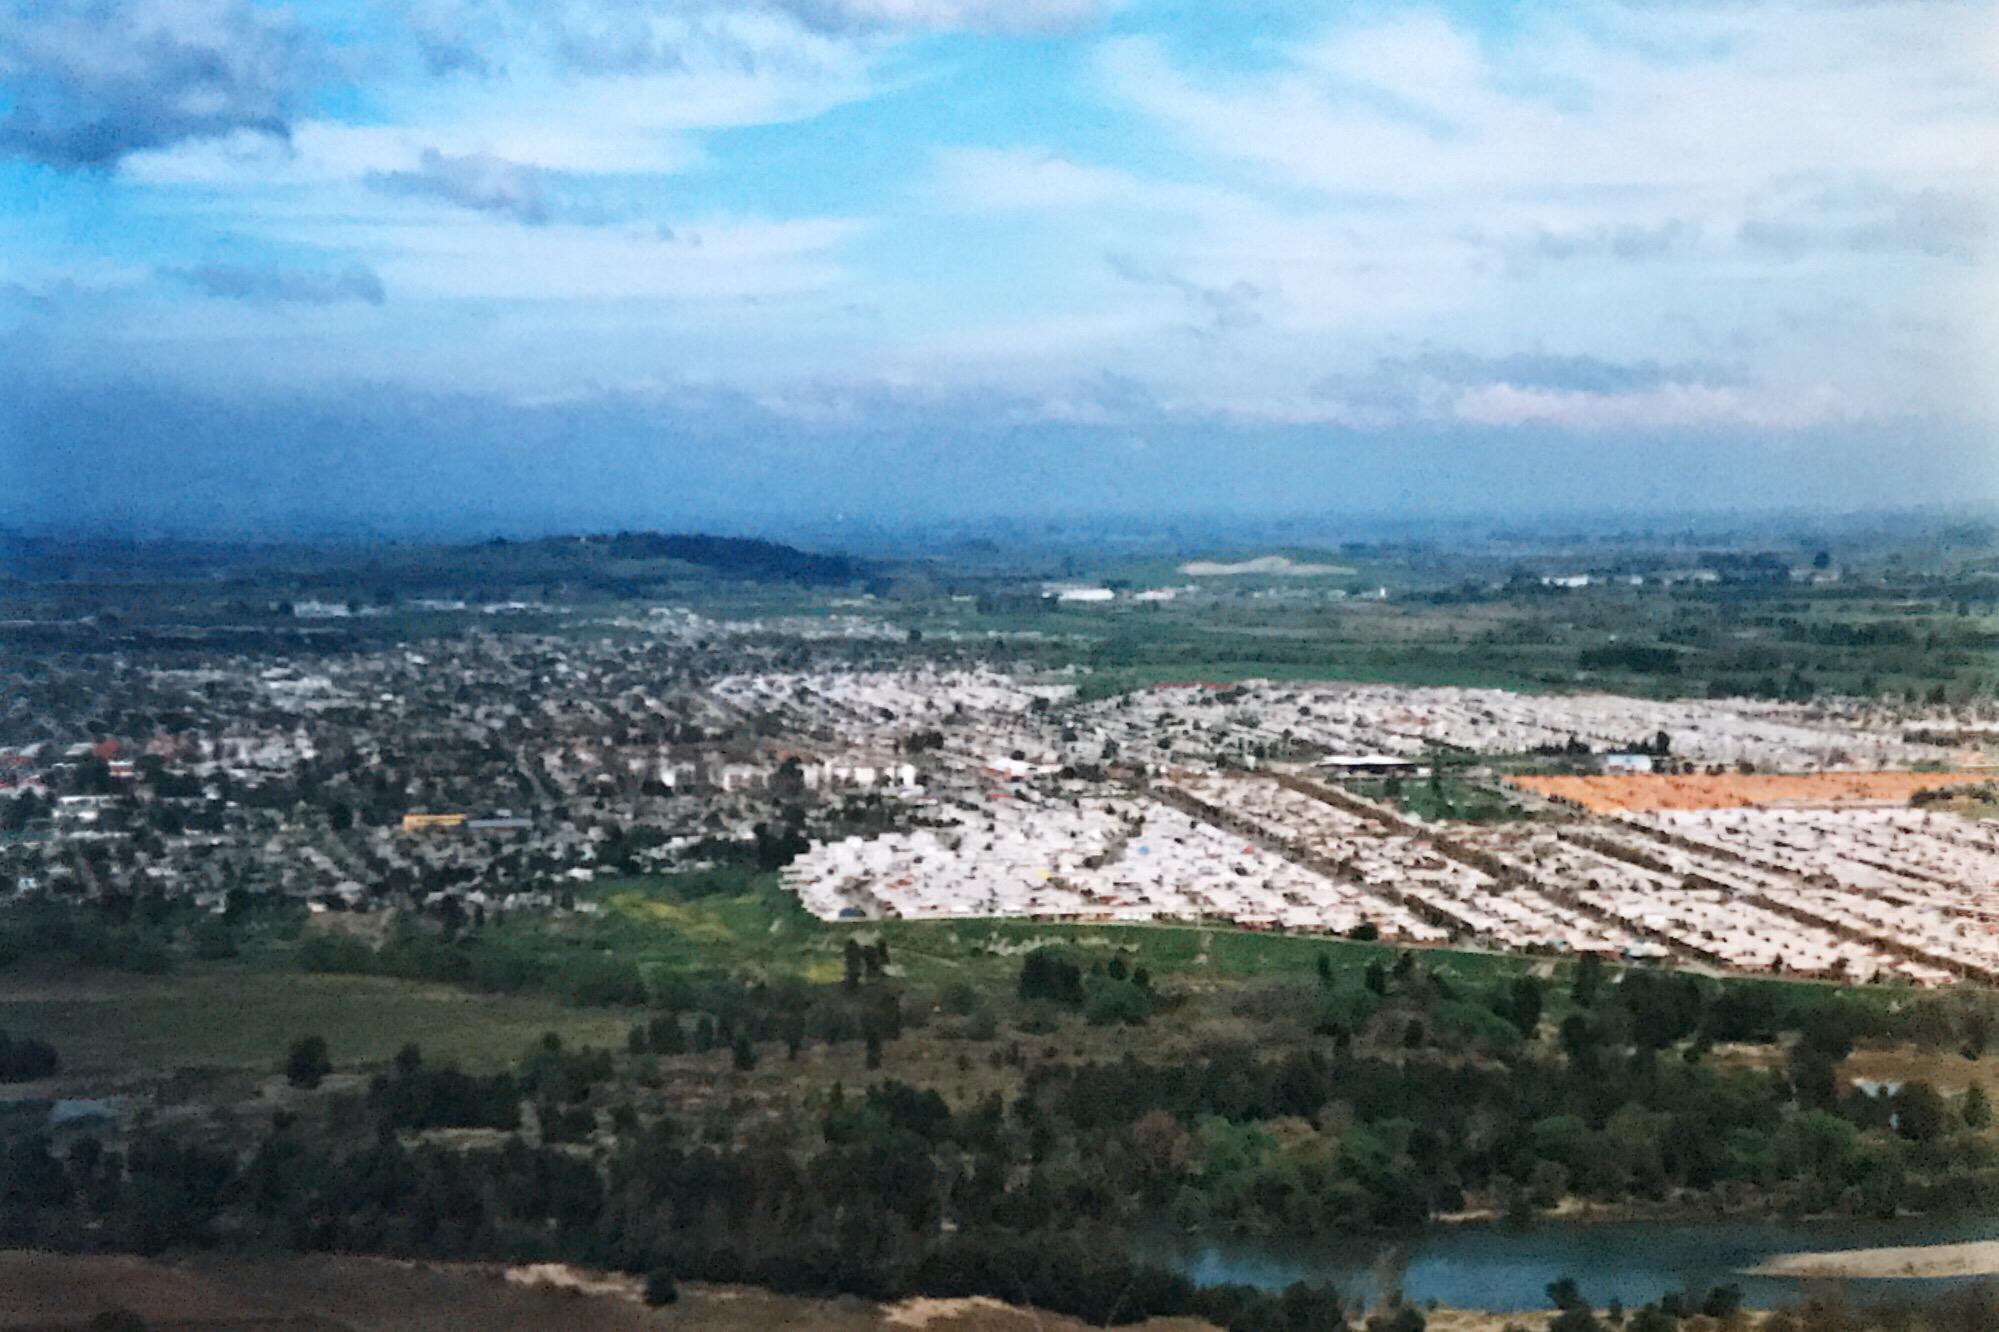 Enterreno - Fotos históricas de chile - fotos antiguas de Chile - Panorámica de Talca en 1999